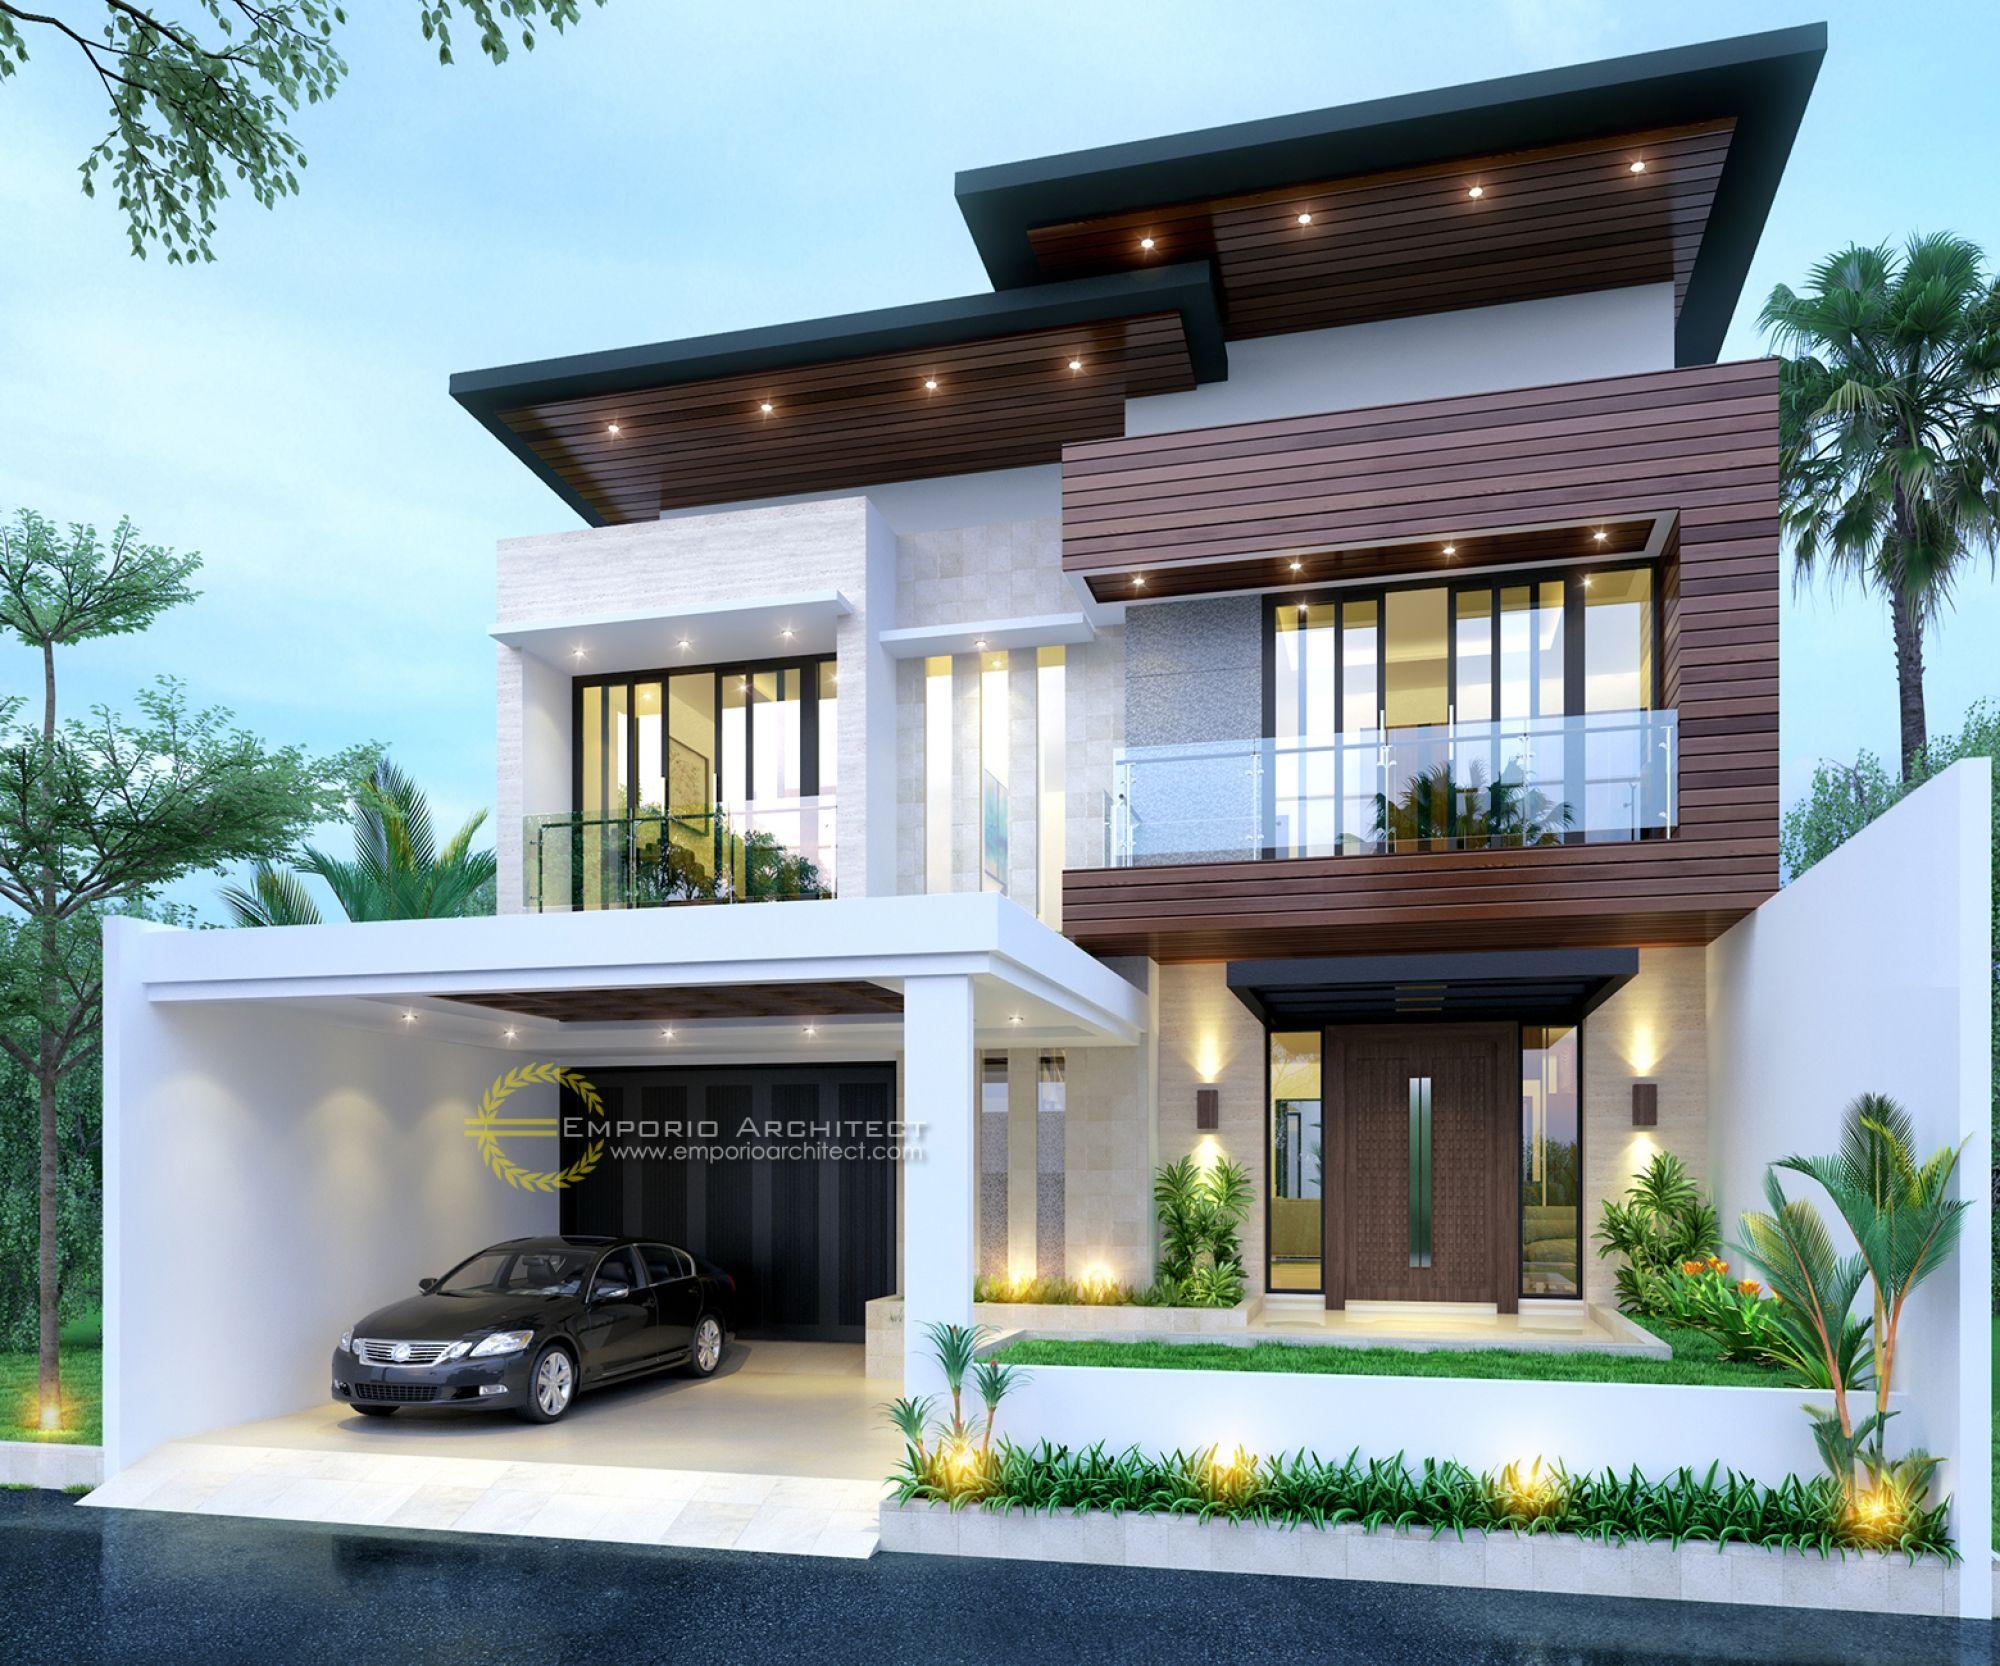 Jasa arsitek desain rumah ibu anisa maison de ville idées pour la maison maison